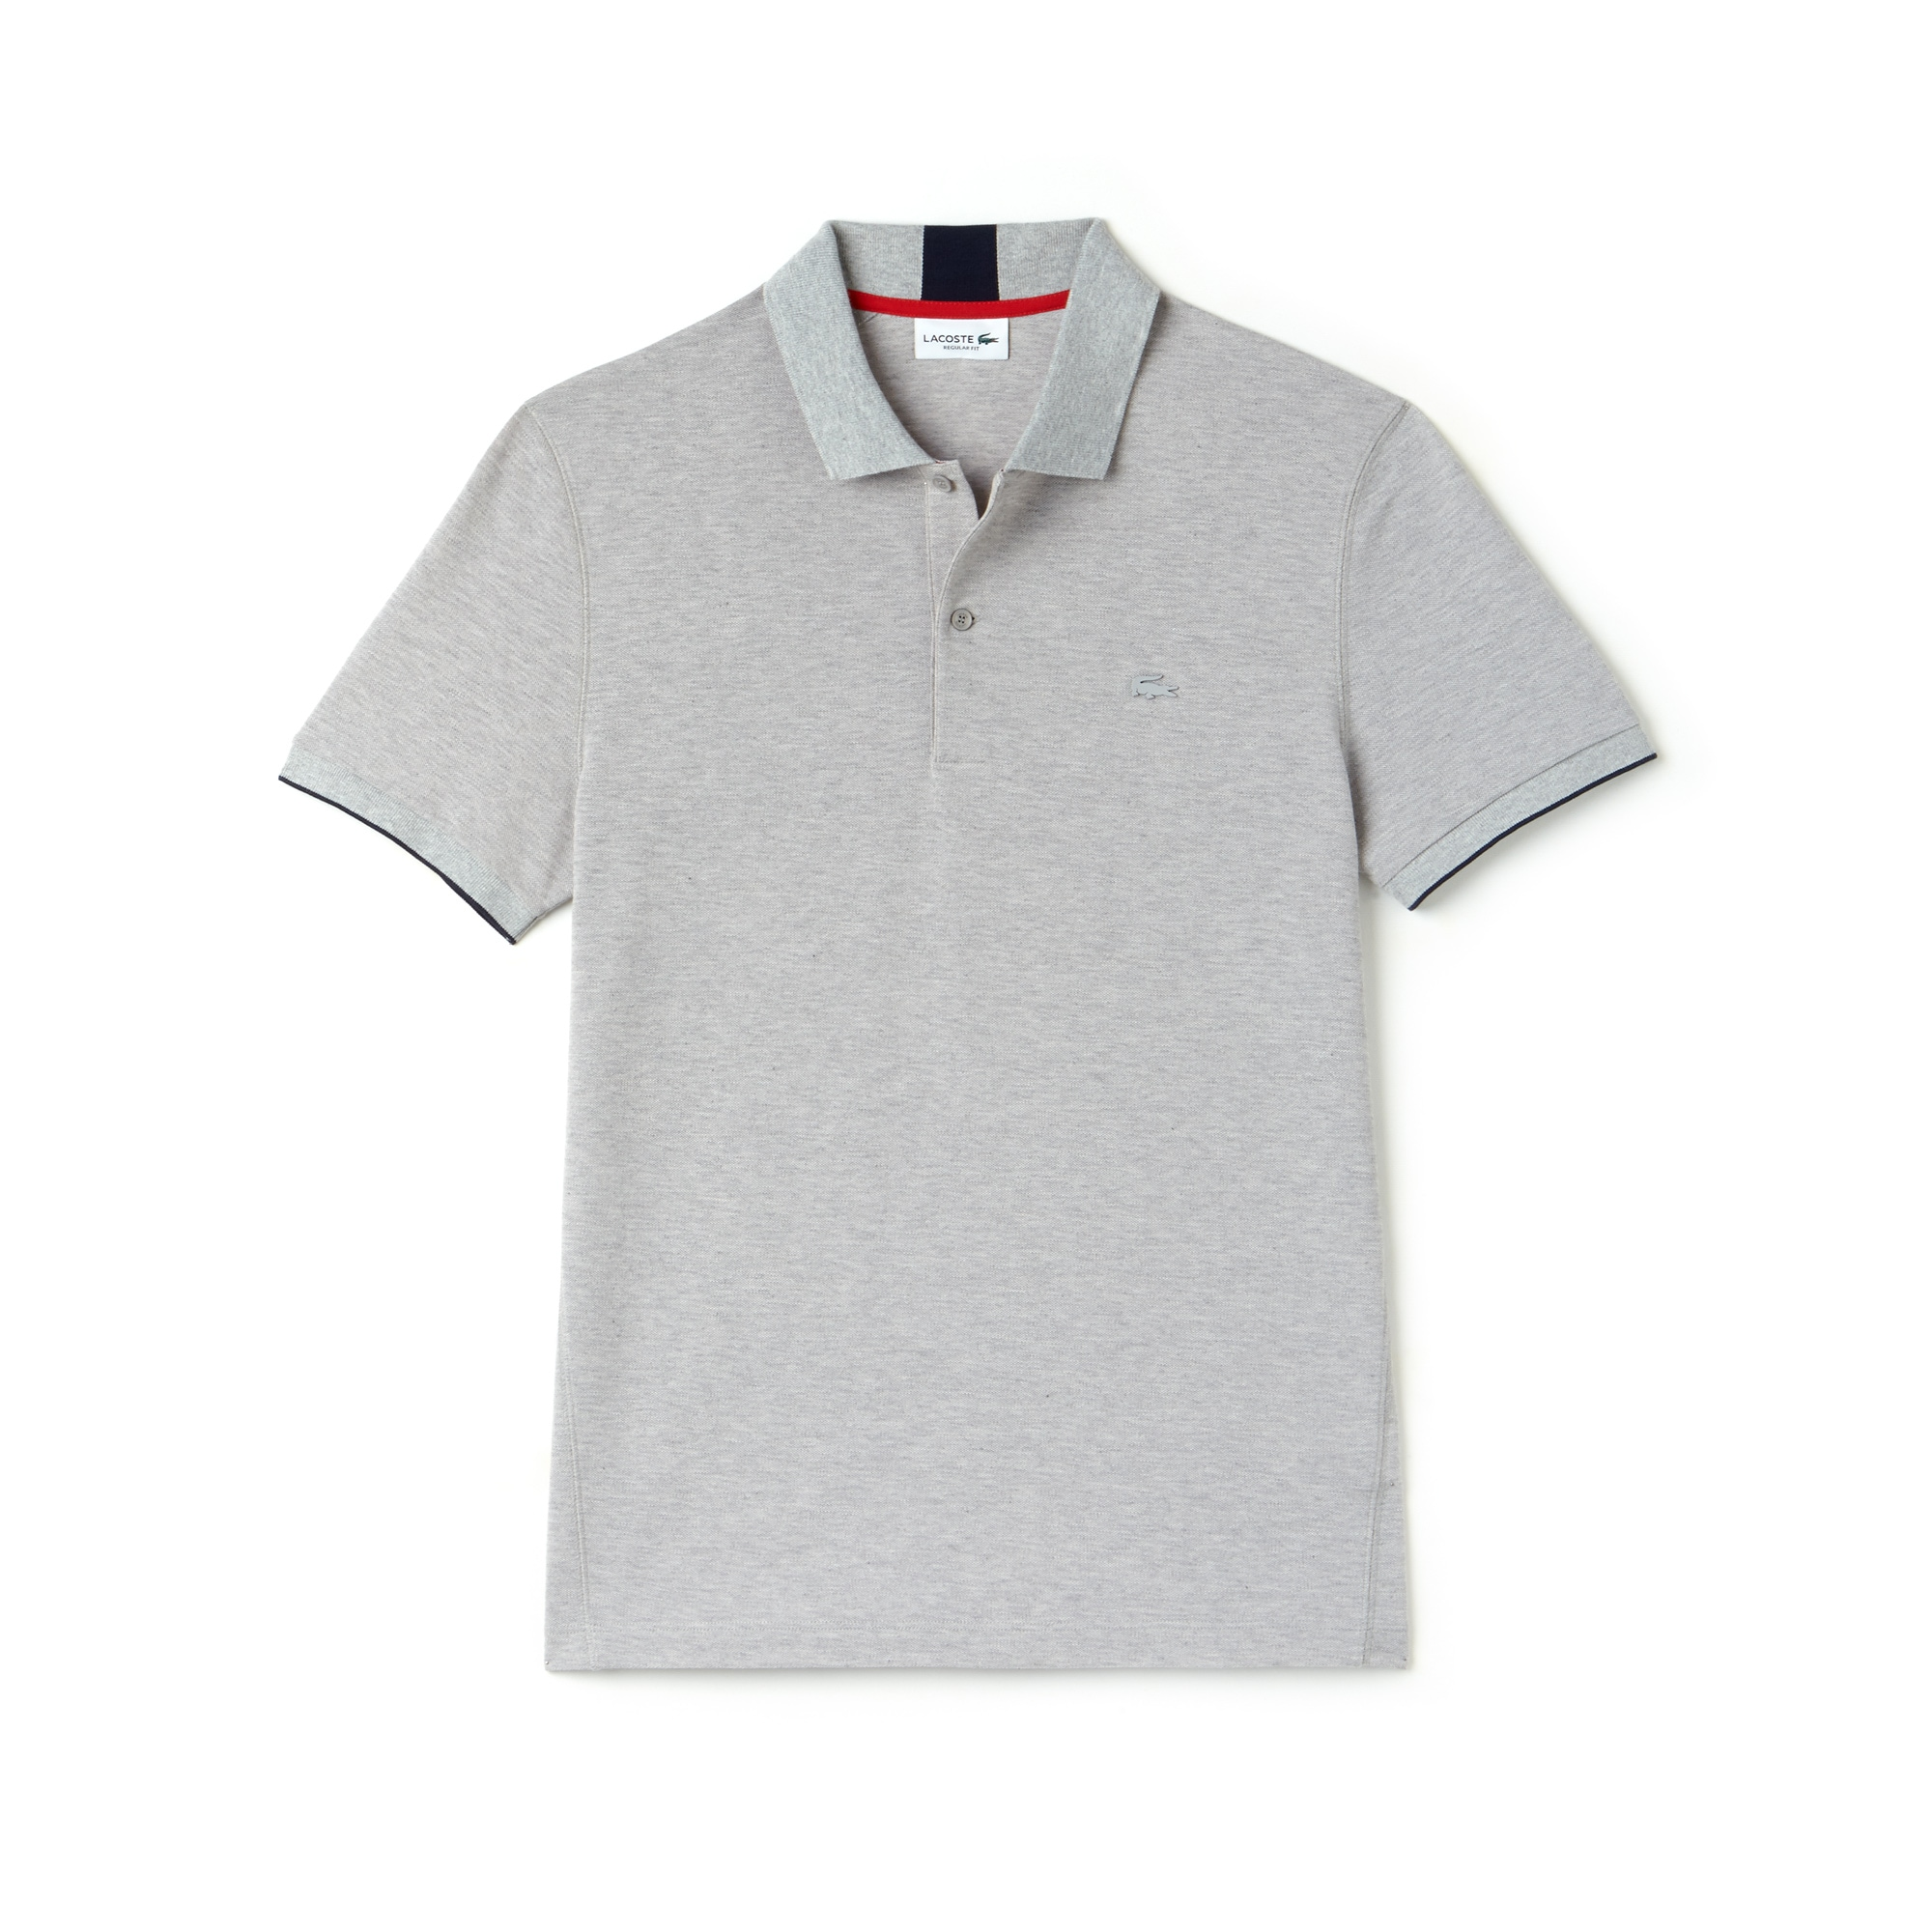 Lacoste - LACOSTE Regular Fit Herren-Poloshirt aus funktionellem Petit-Piqué - 3